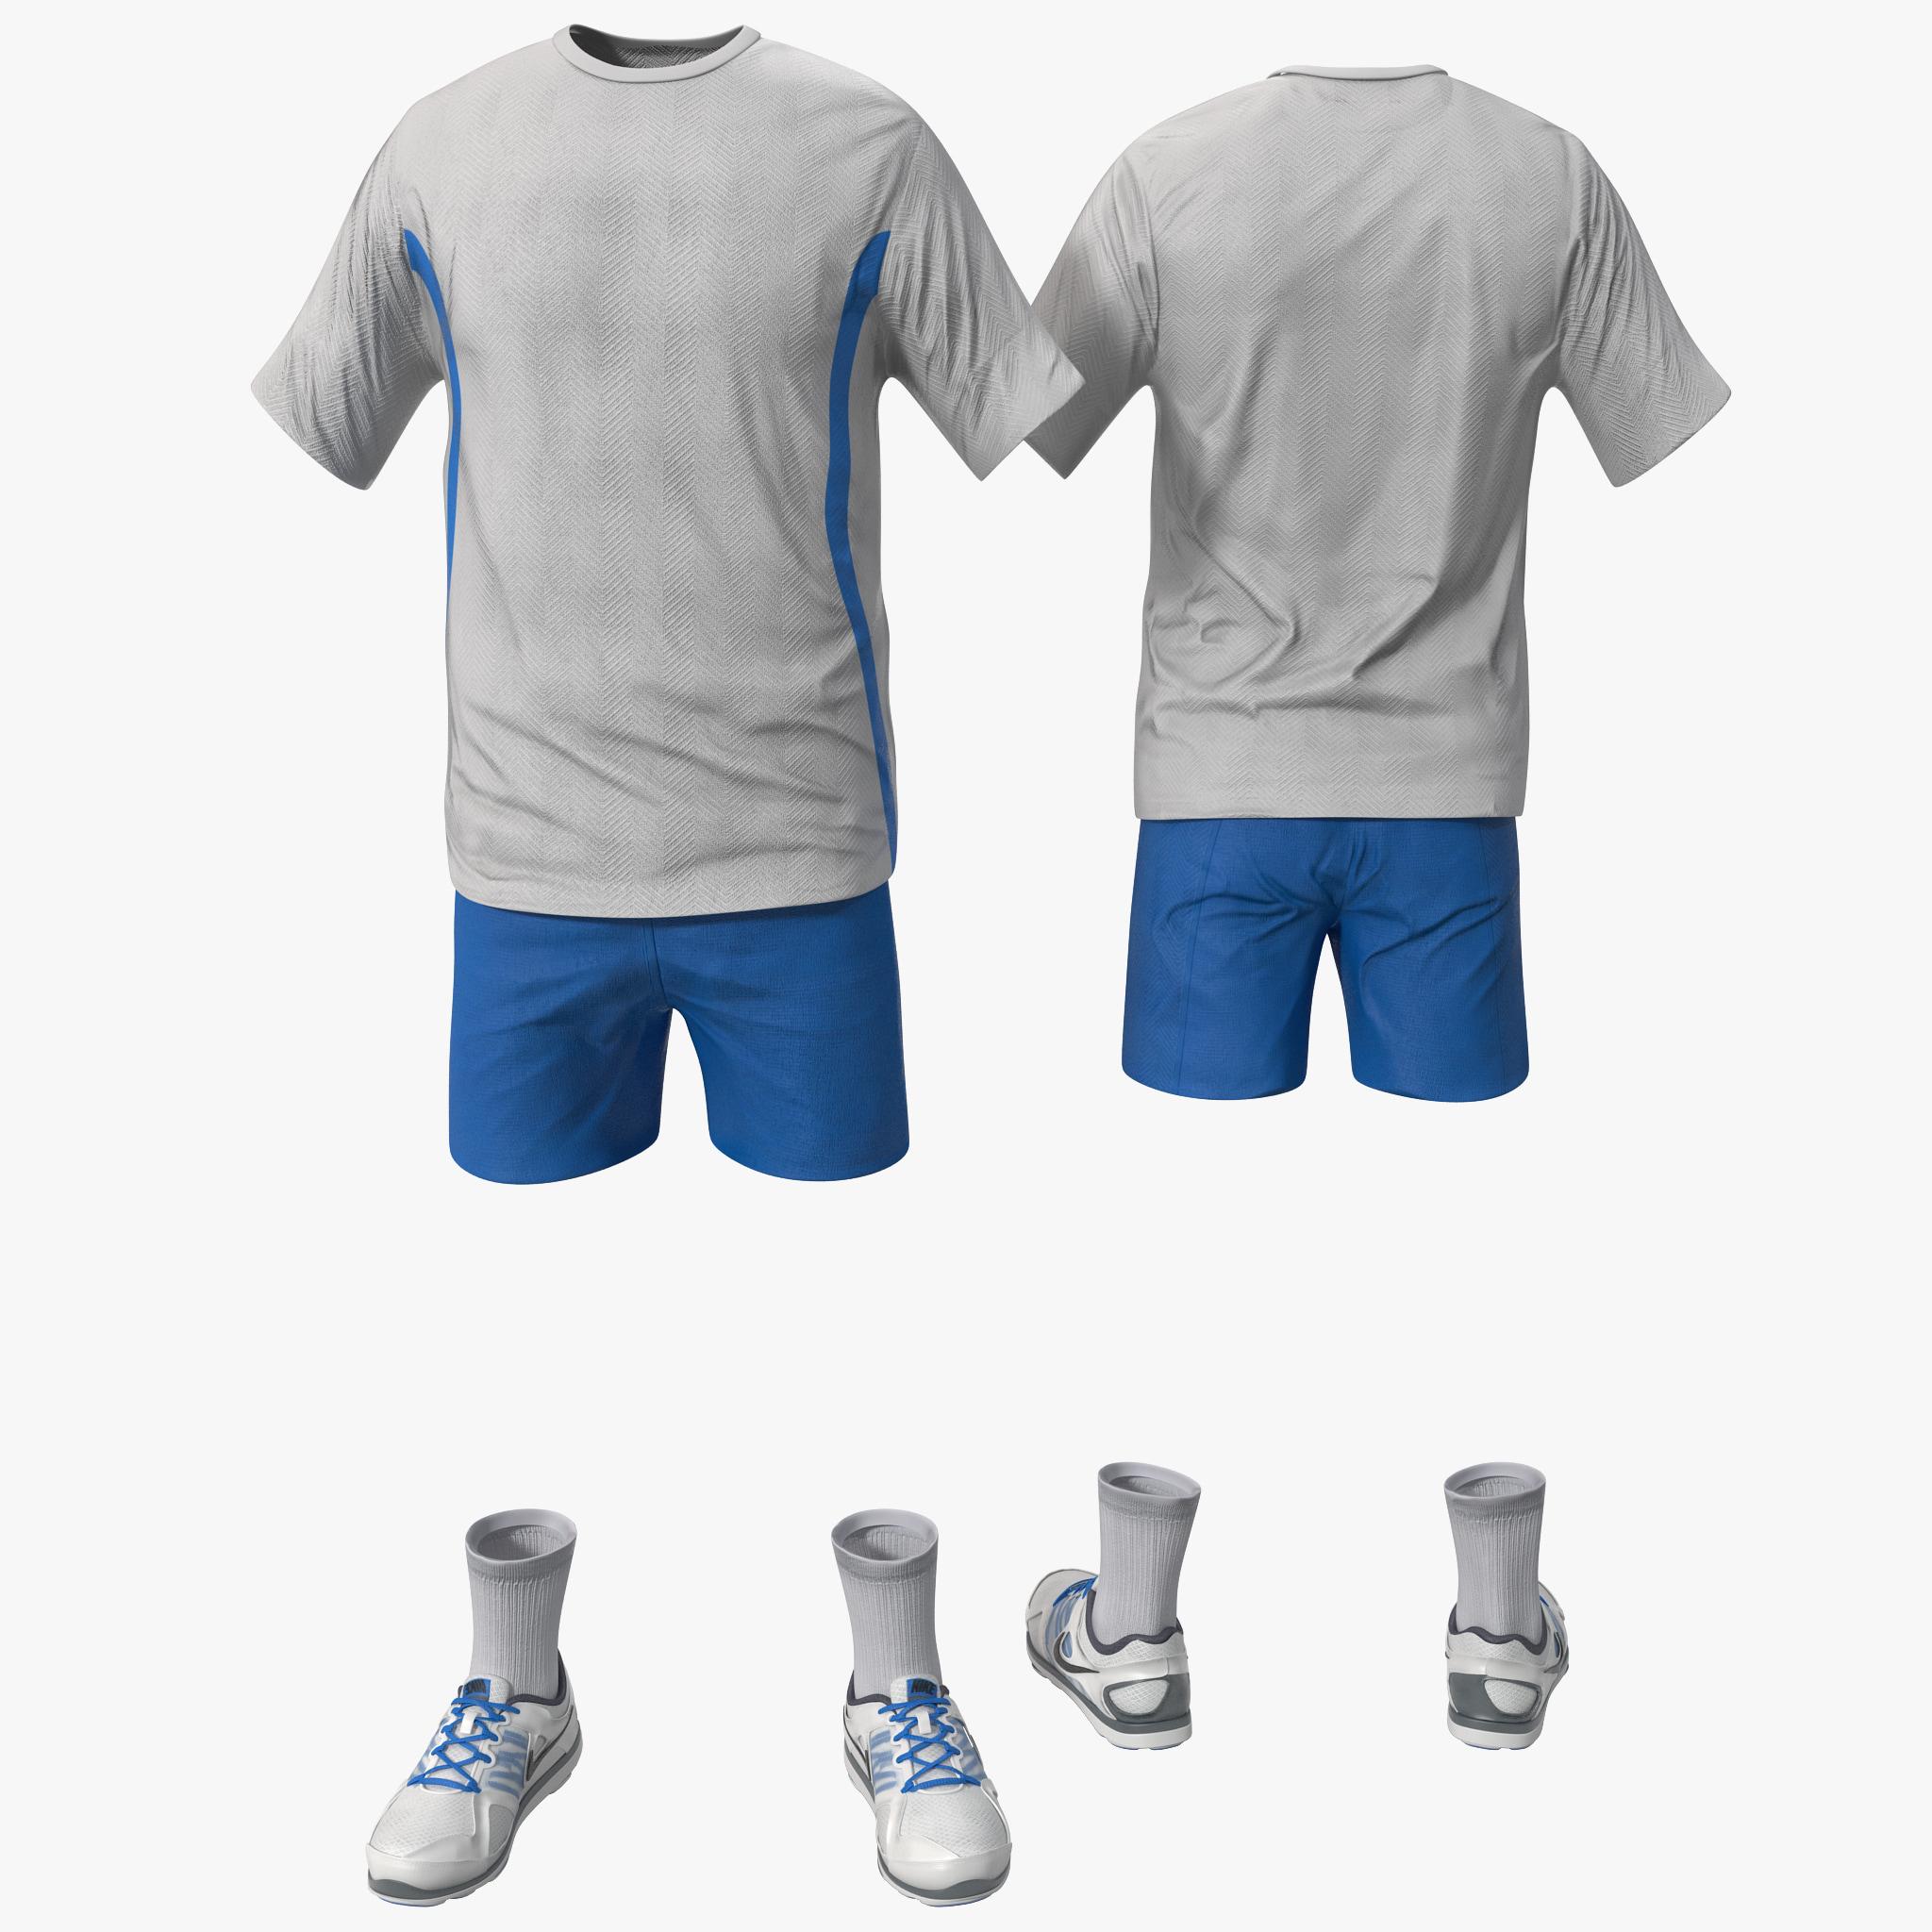 3d max tennis clothes 2